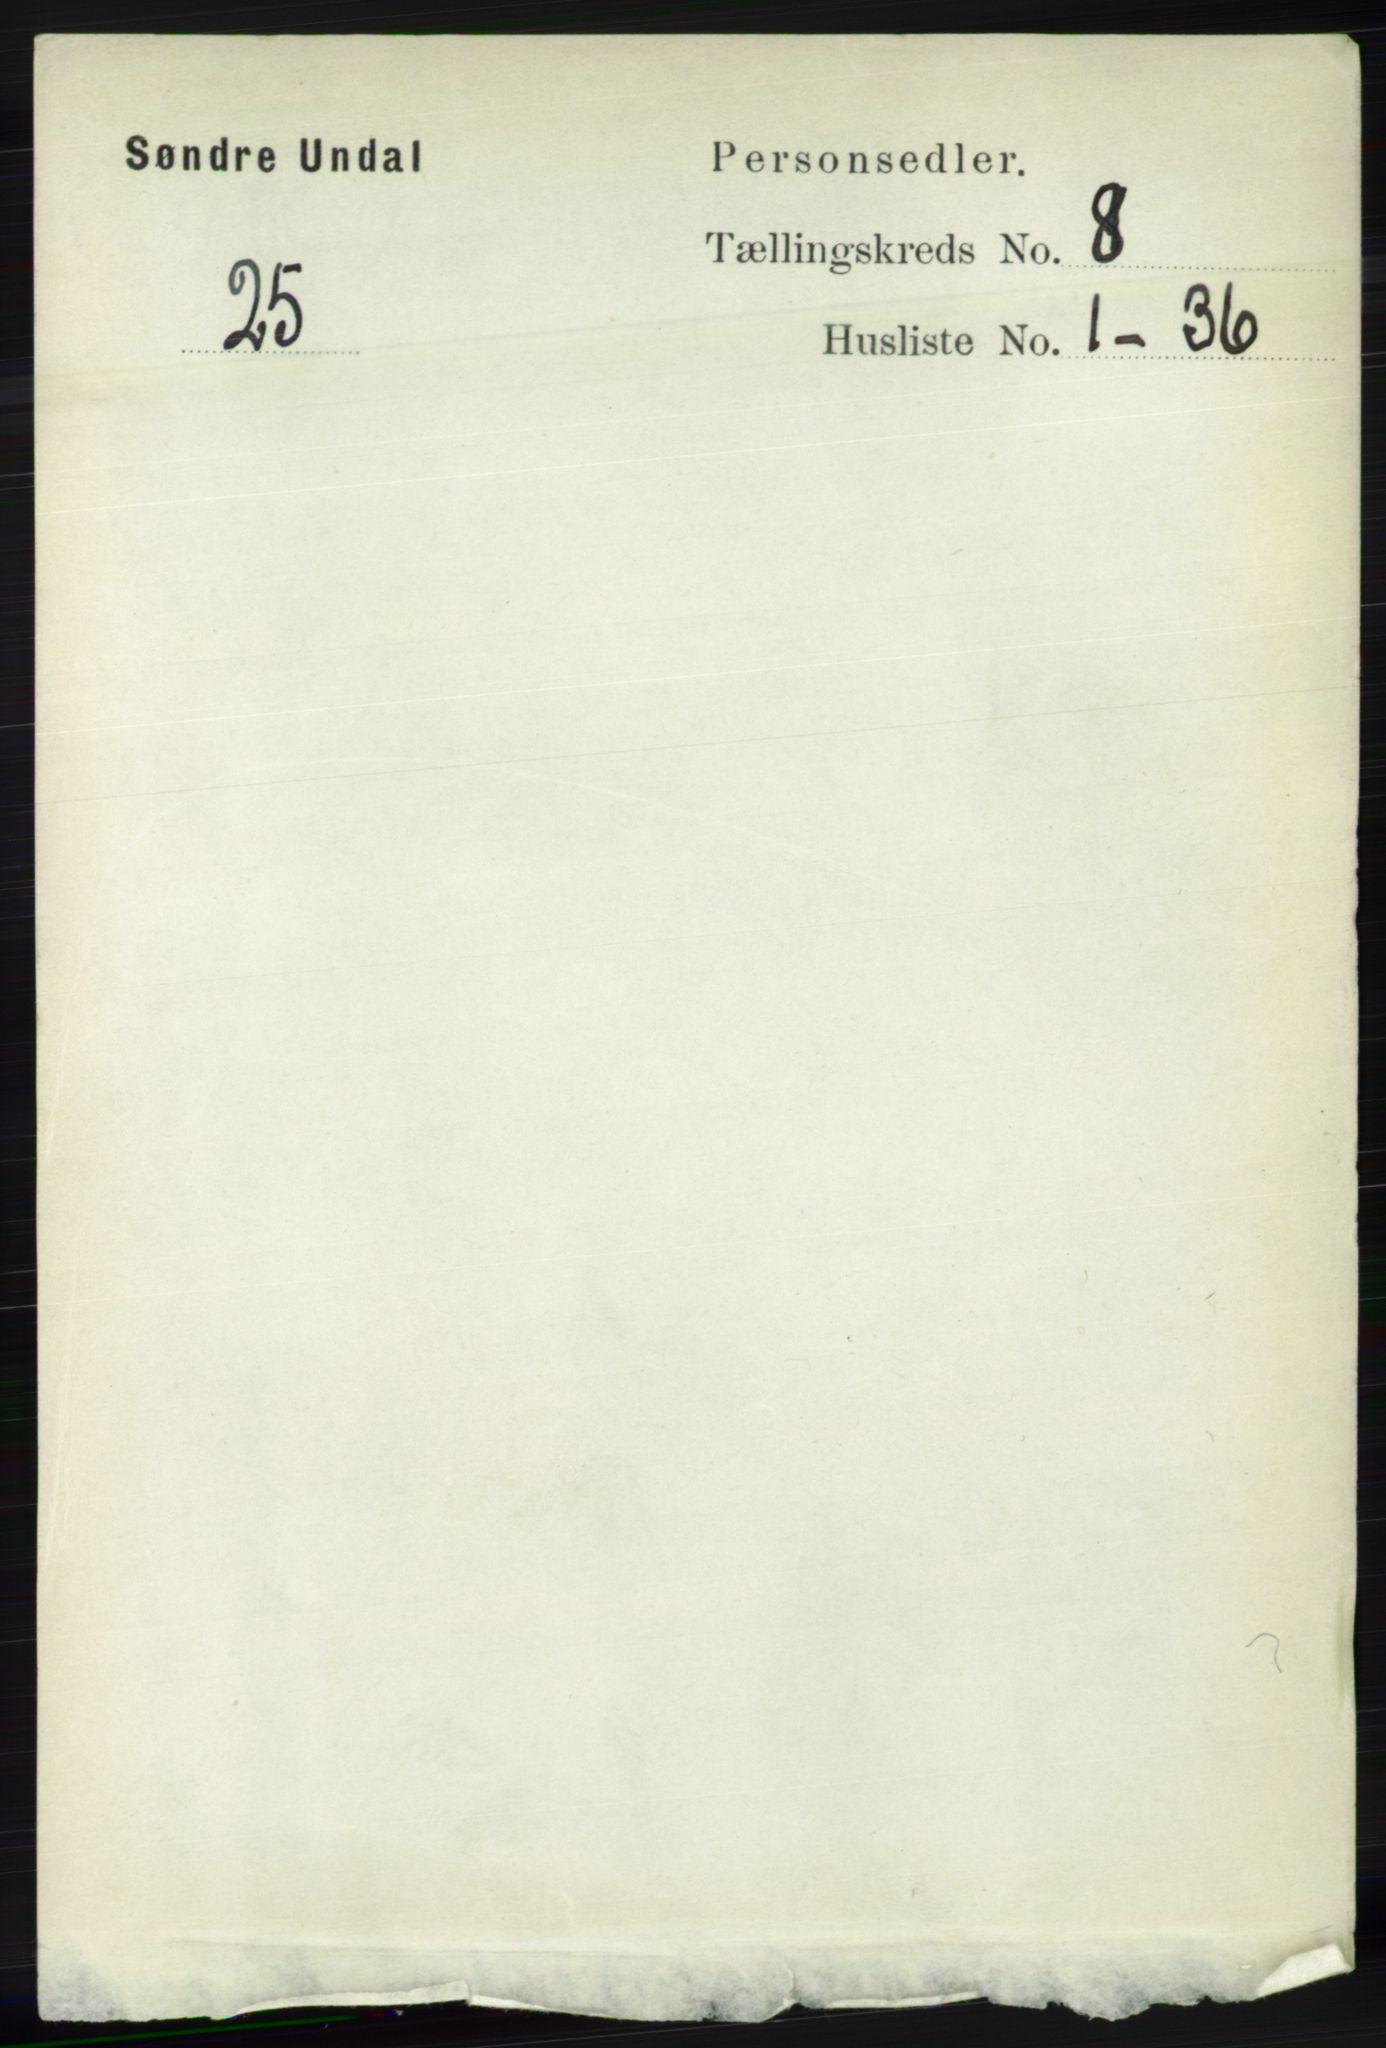 RA, Folketelling 1891 for 1029 Sør-Audnedal herred, 1891, s. 3111